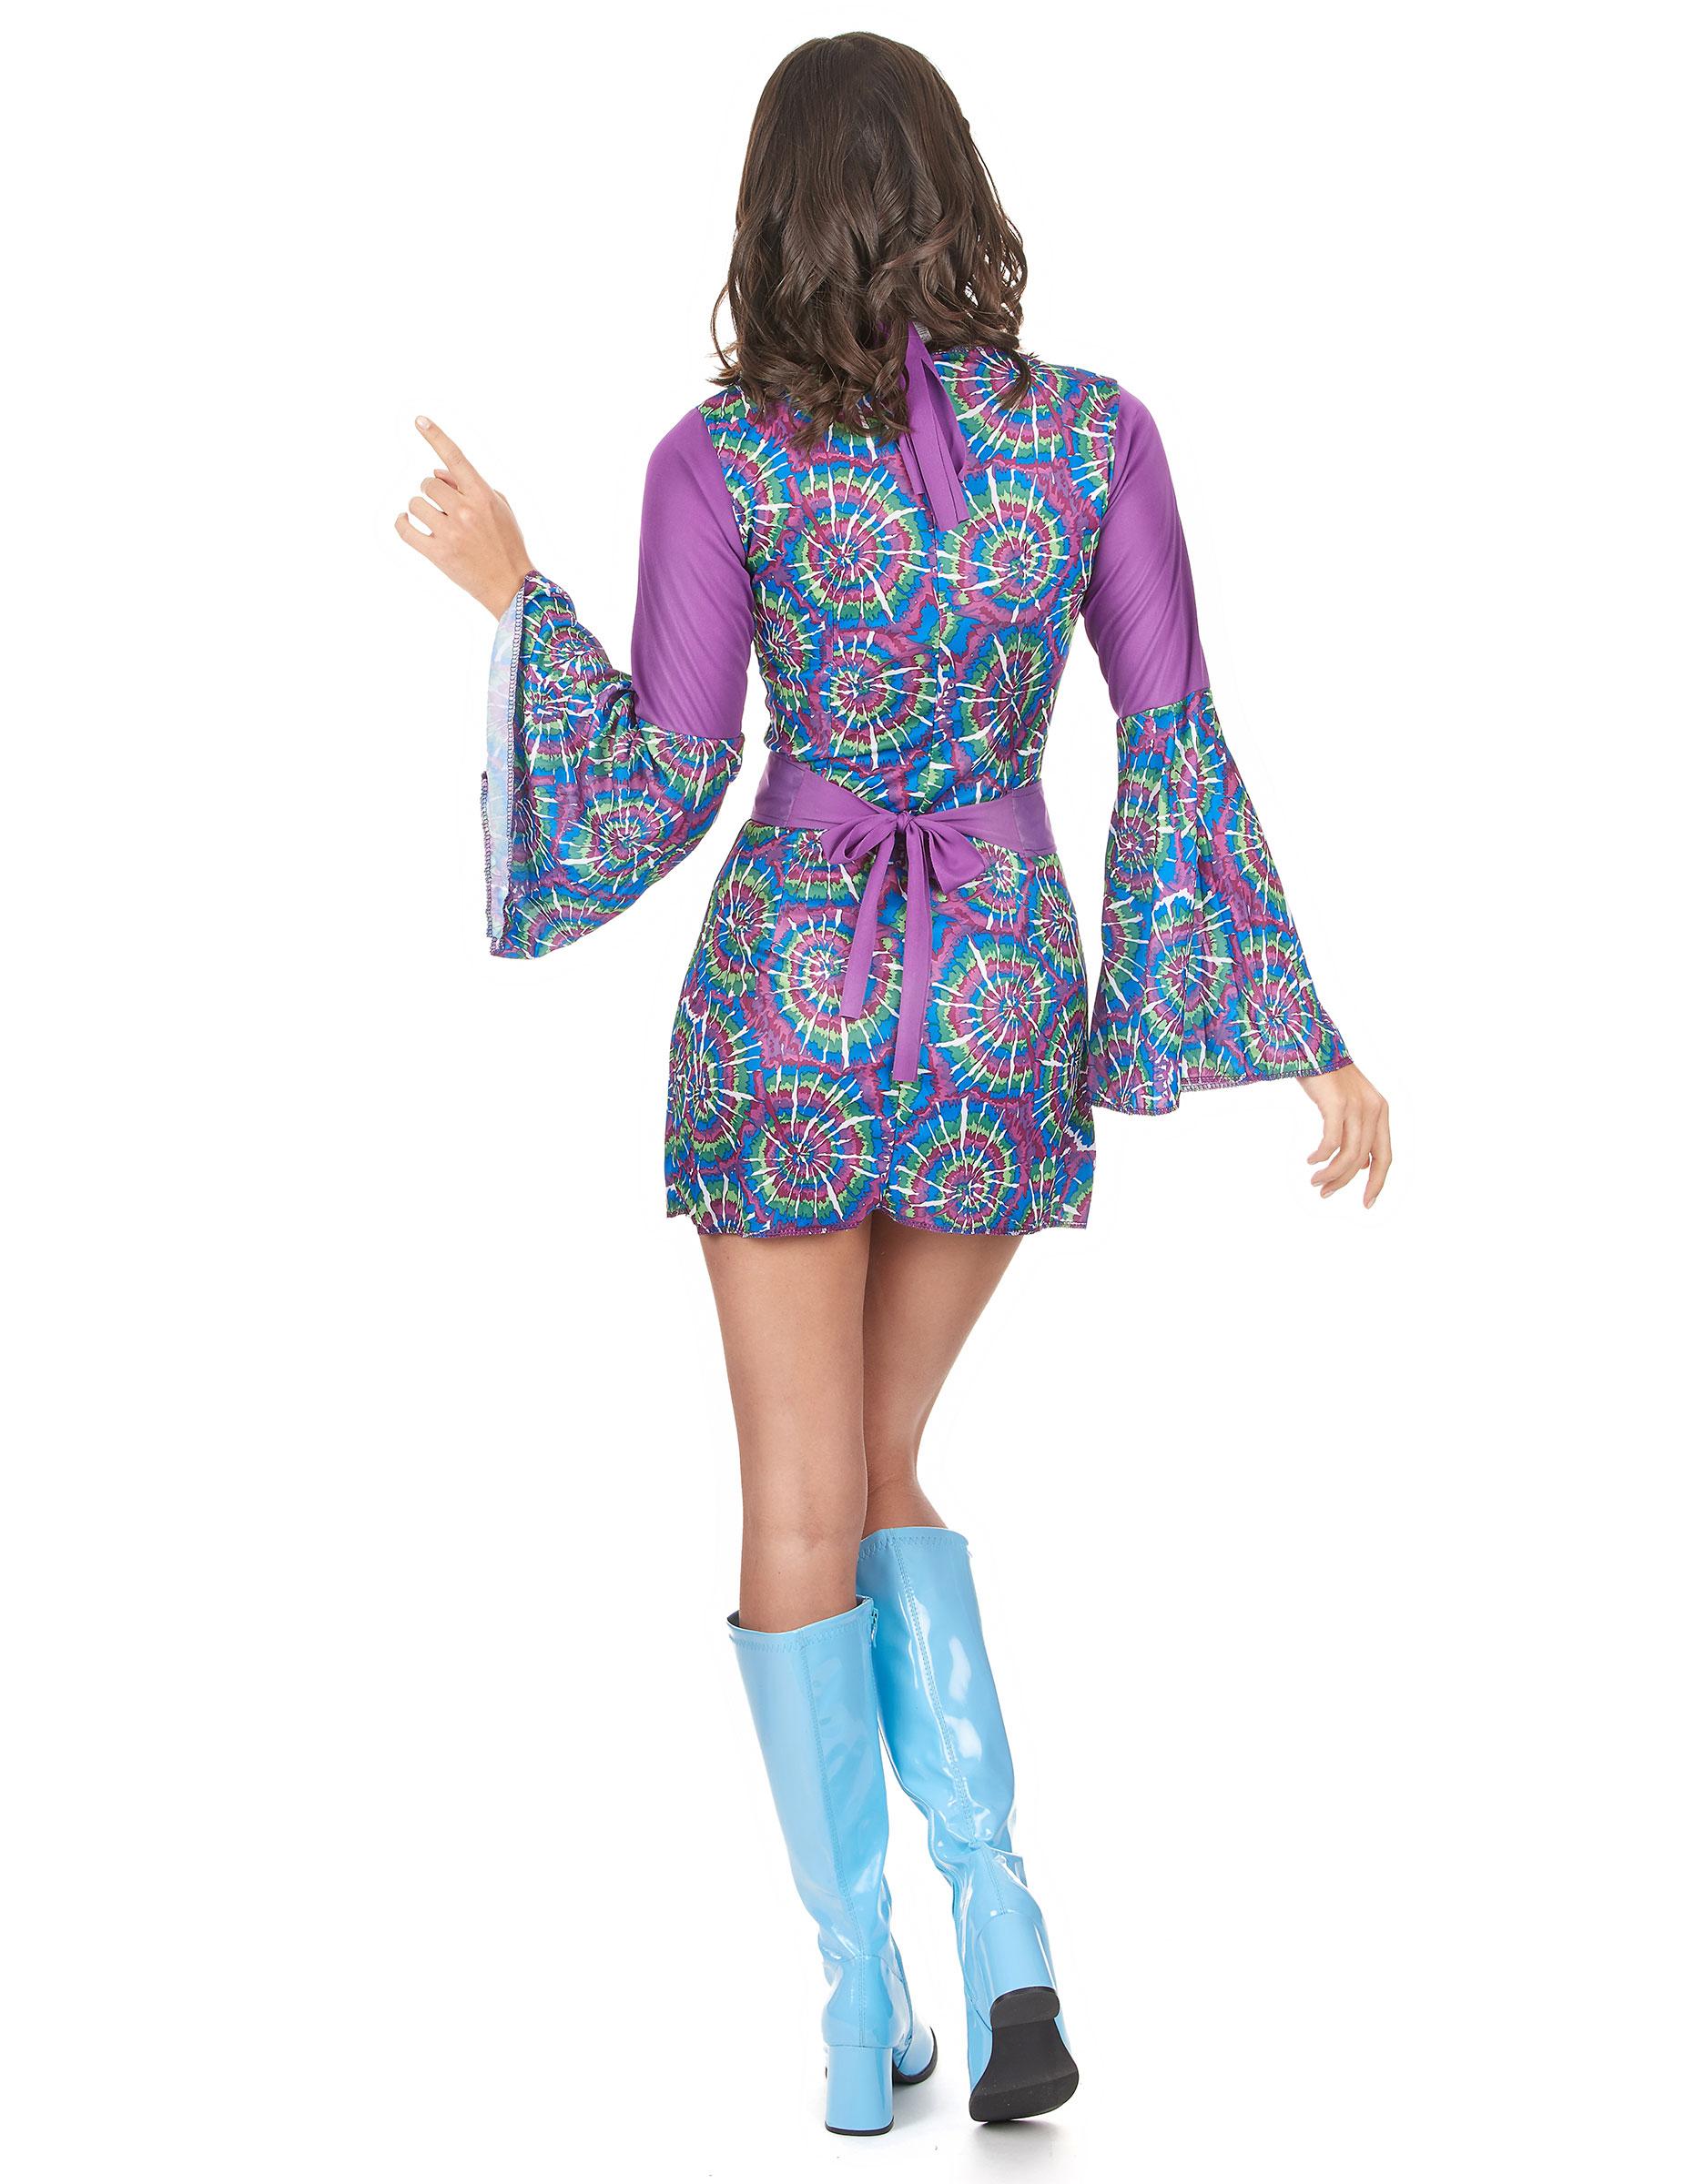 Déguisement hippie psychedelique femme   Deguise-toi, achat de ... 4c9165400c62